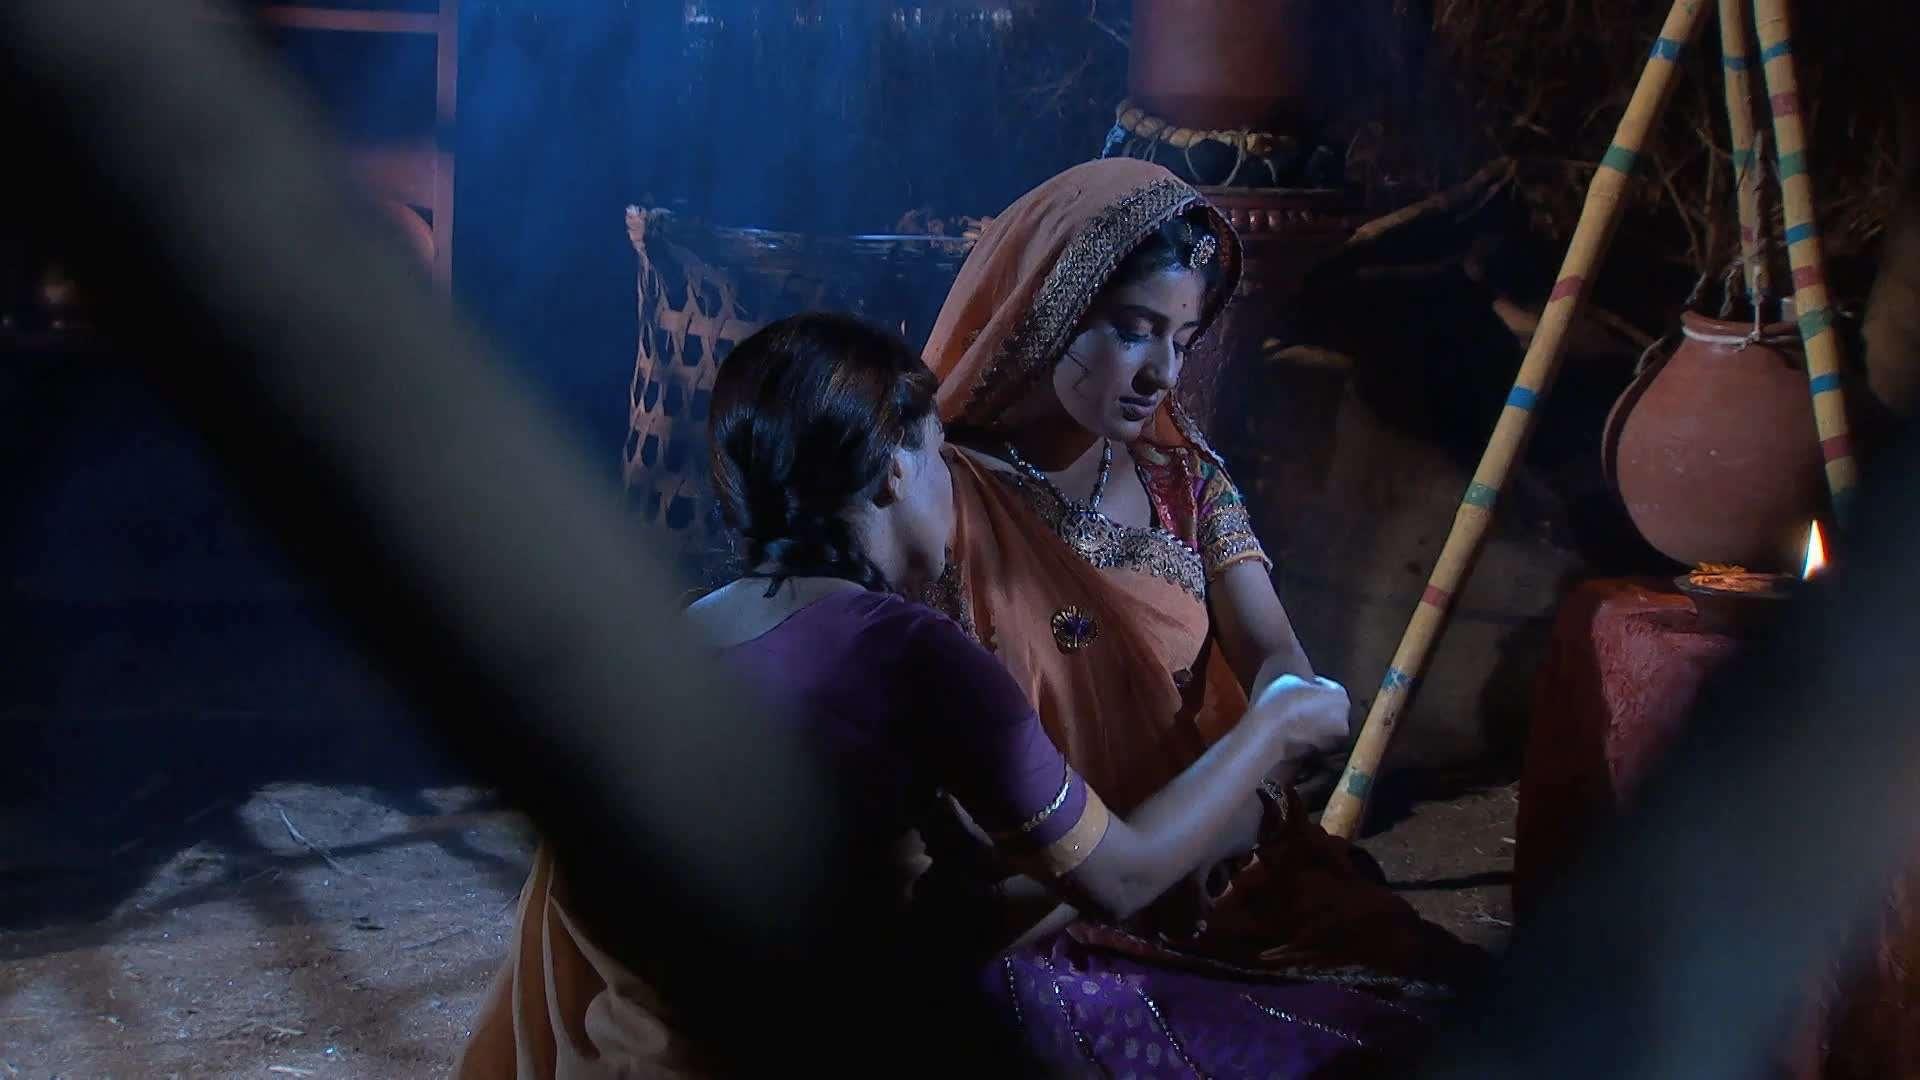 المسلسل الهندي التاريخي جودا أكبر الجزء الثاني (2013) [مدبلج] كامل 1080p تحميل تورنت 14 arabp2p.com